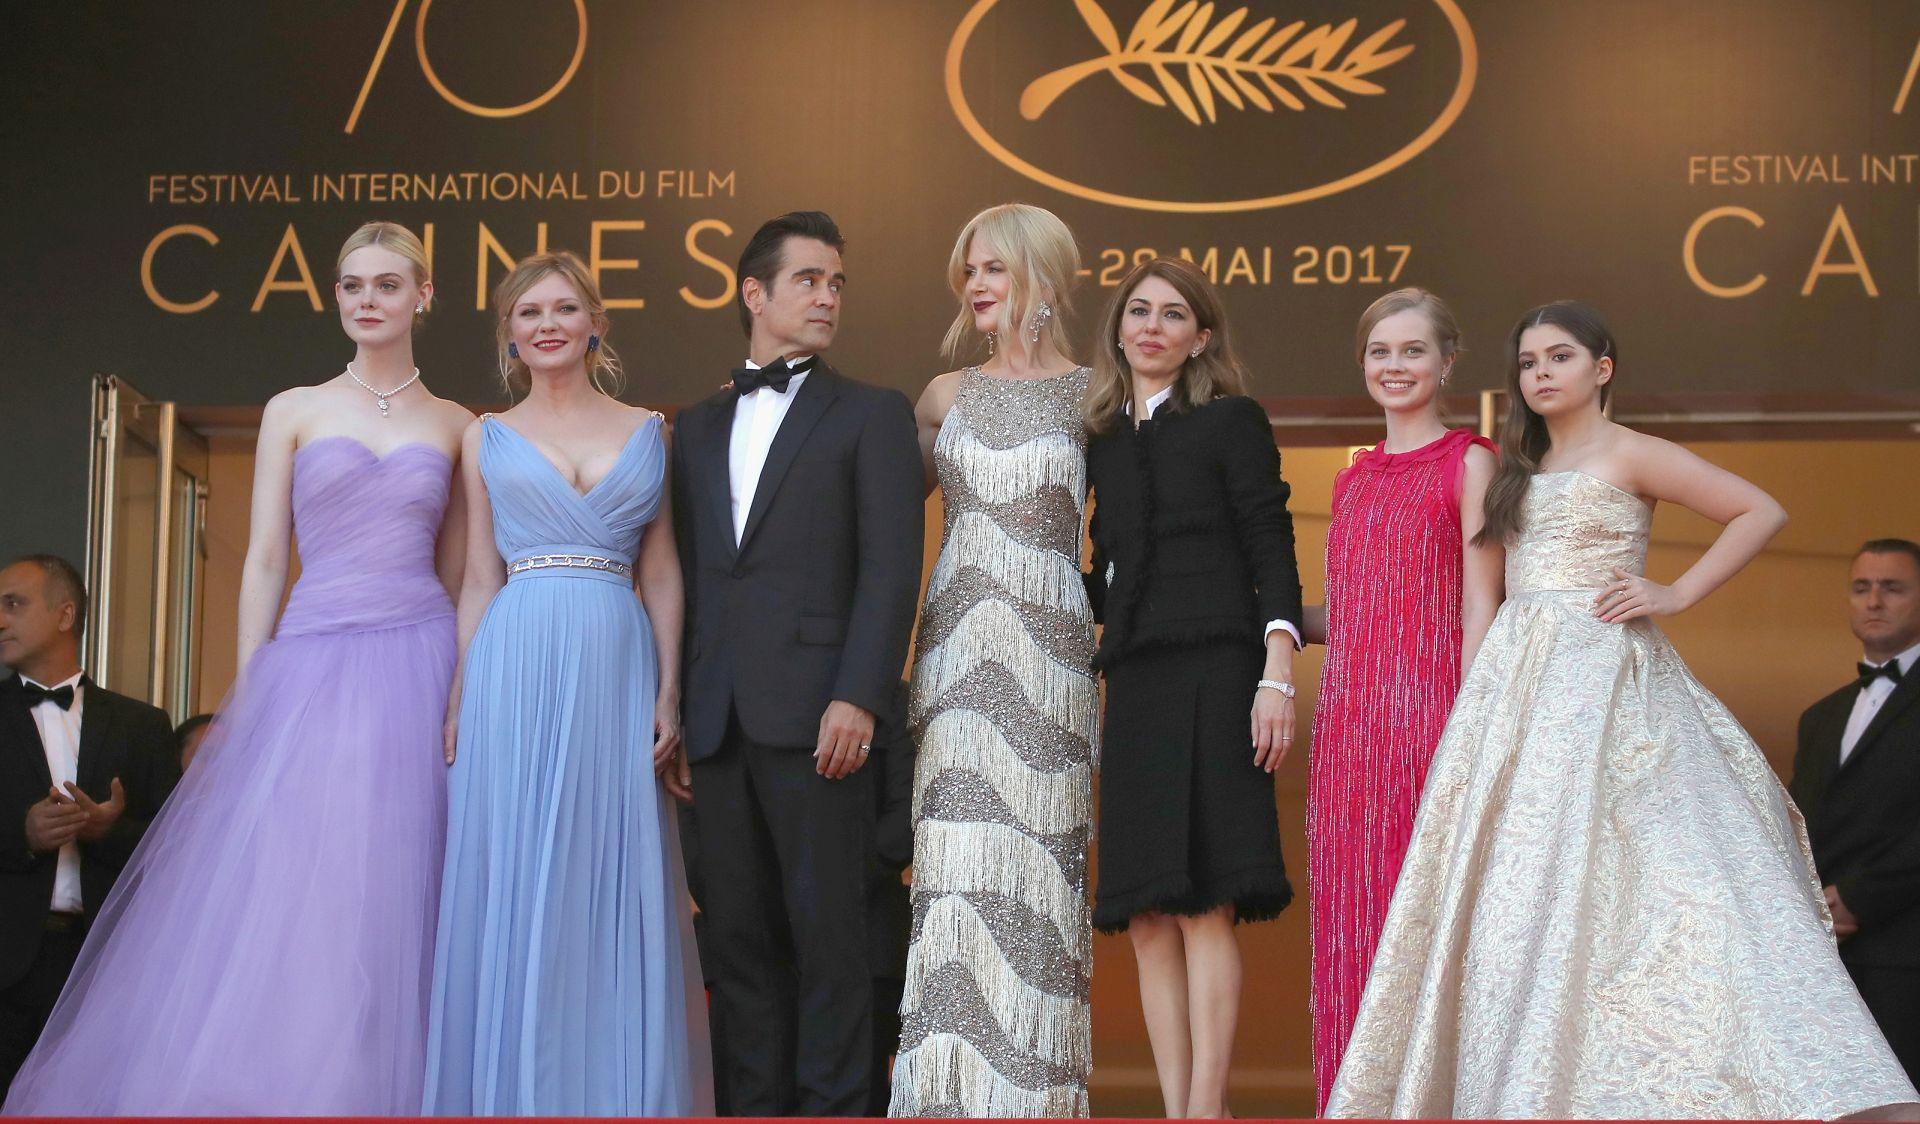 CANNES 8. DAN: Nicole Kidman i Sofia Coppola u borbi za ženska prava